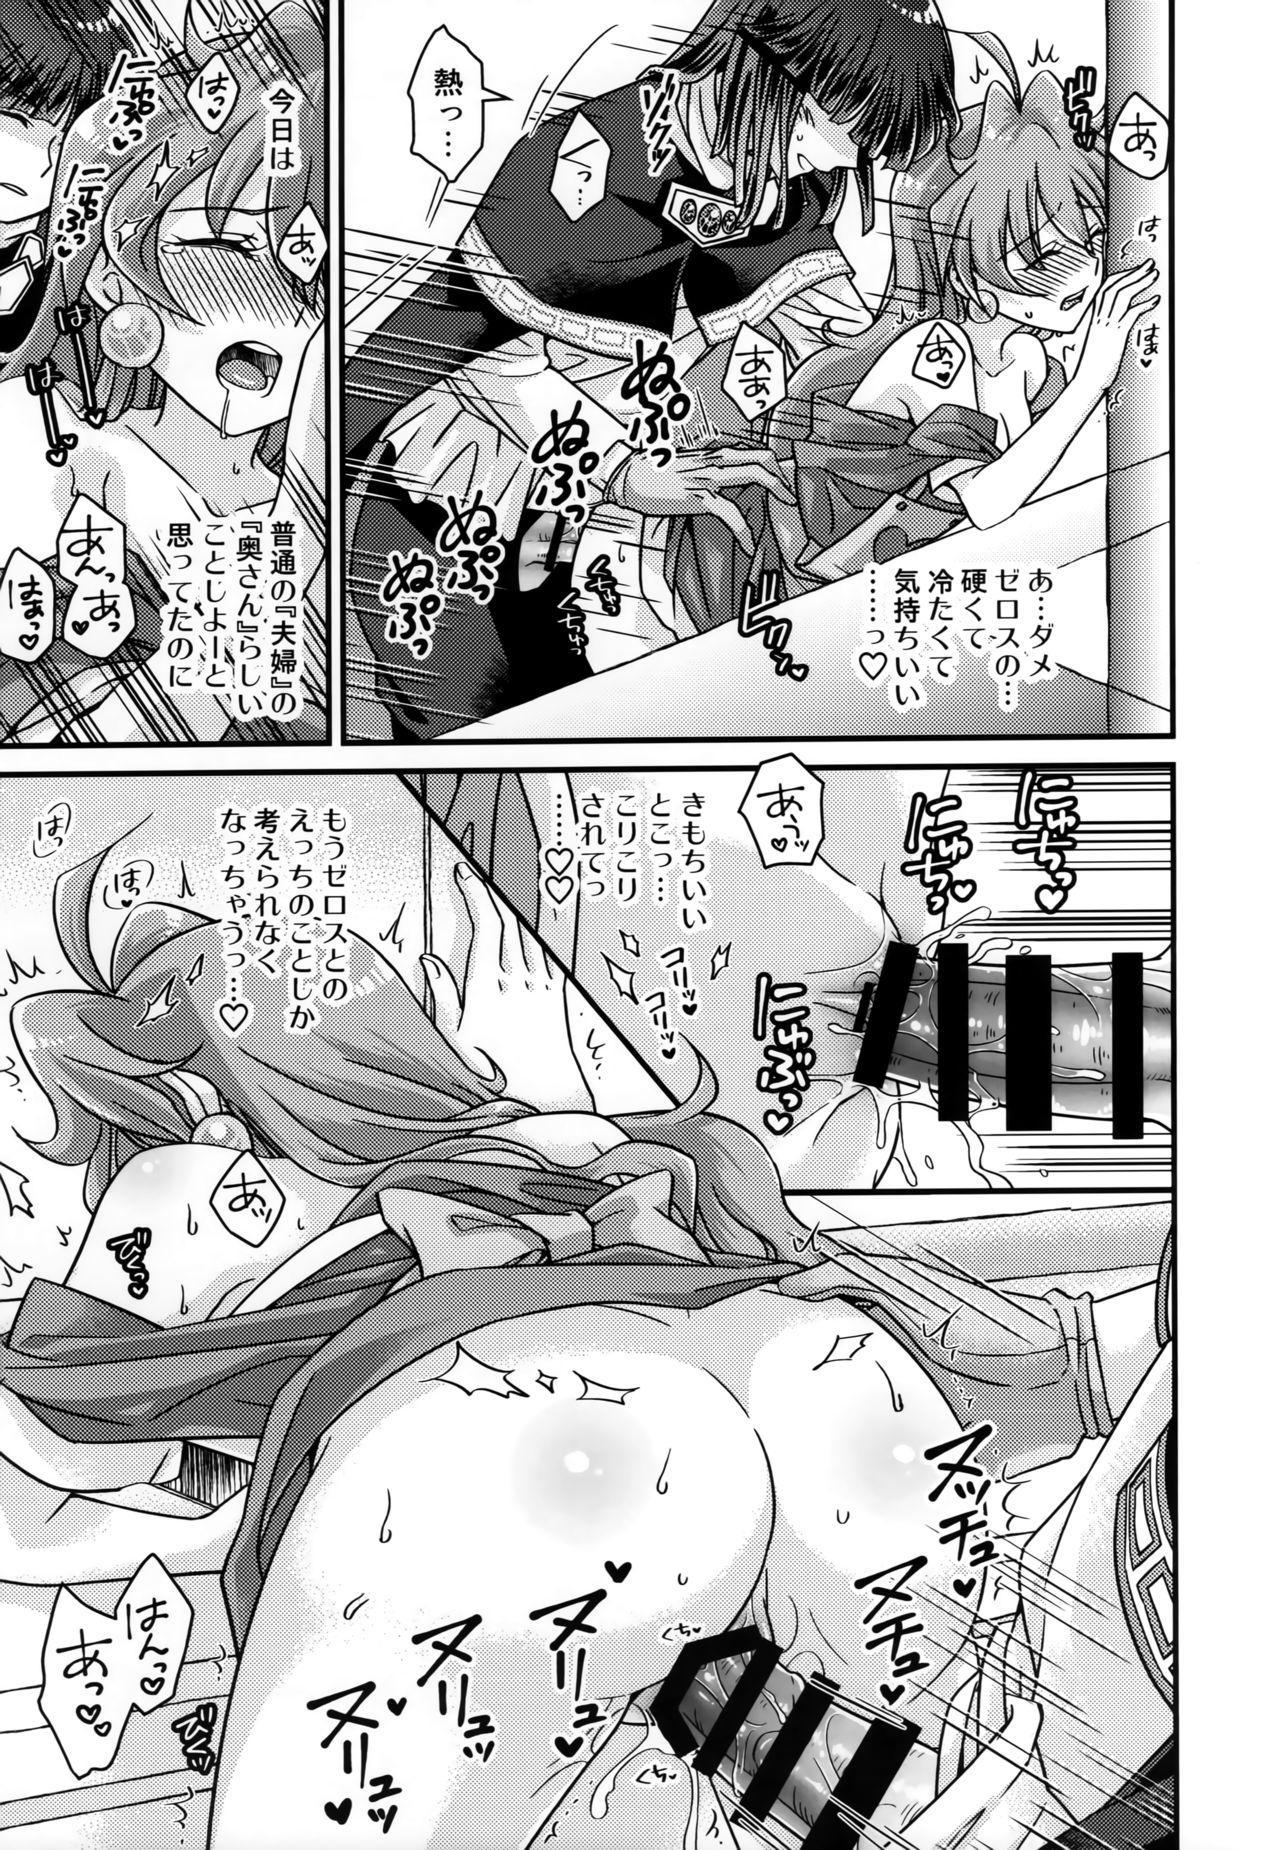 Lina-san ga Kawaii kara Shikatanai. 9